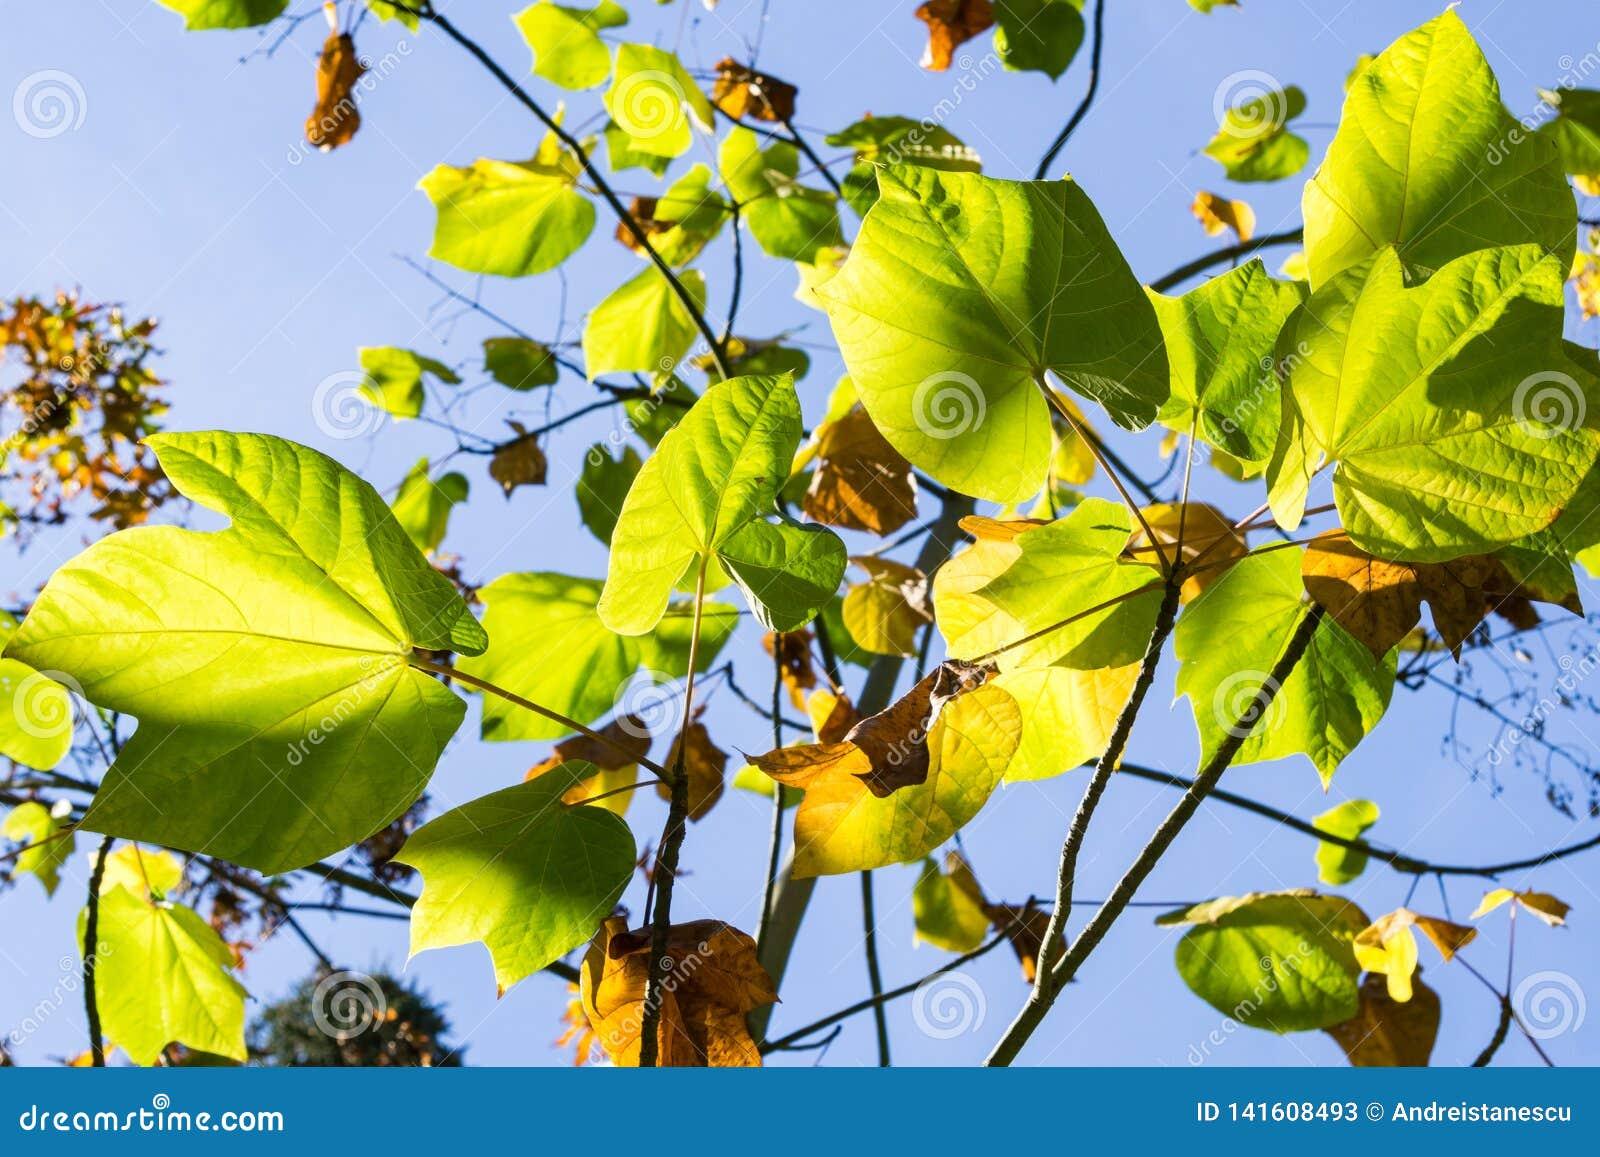 Folhas verdes em um fundo do céu iluminado pelo sol, Califórnia